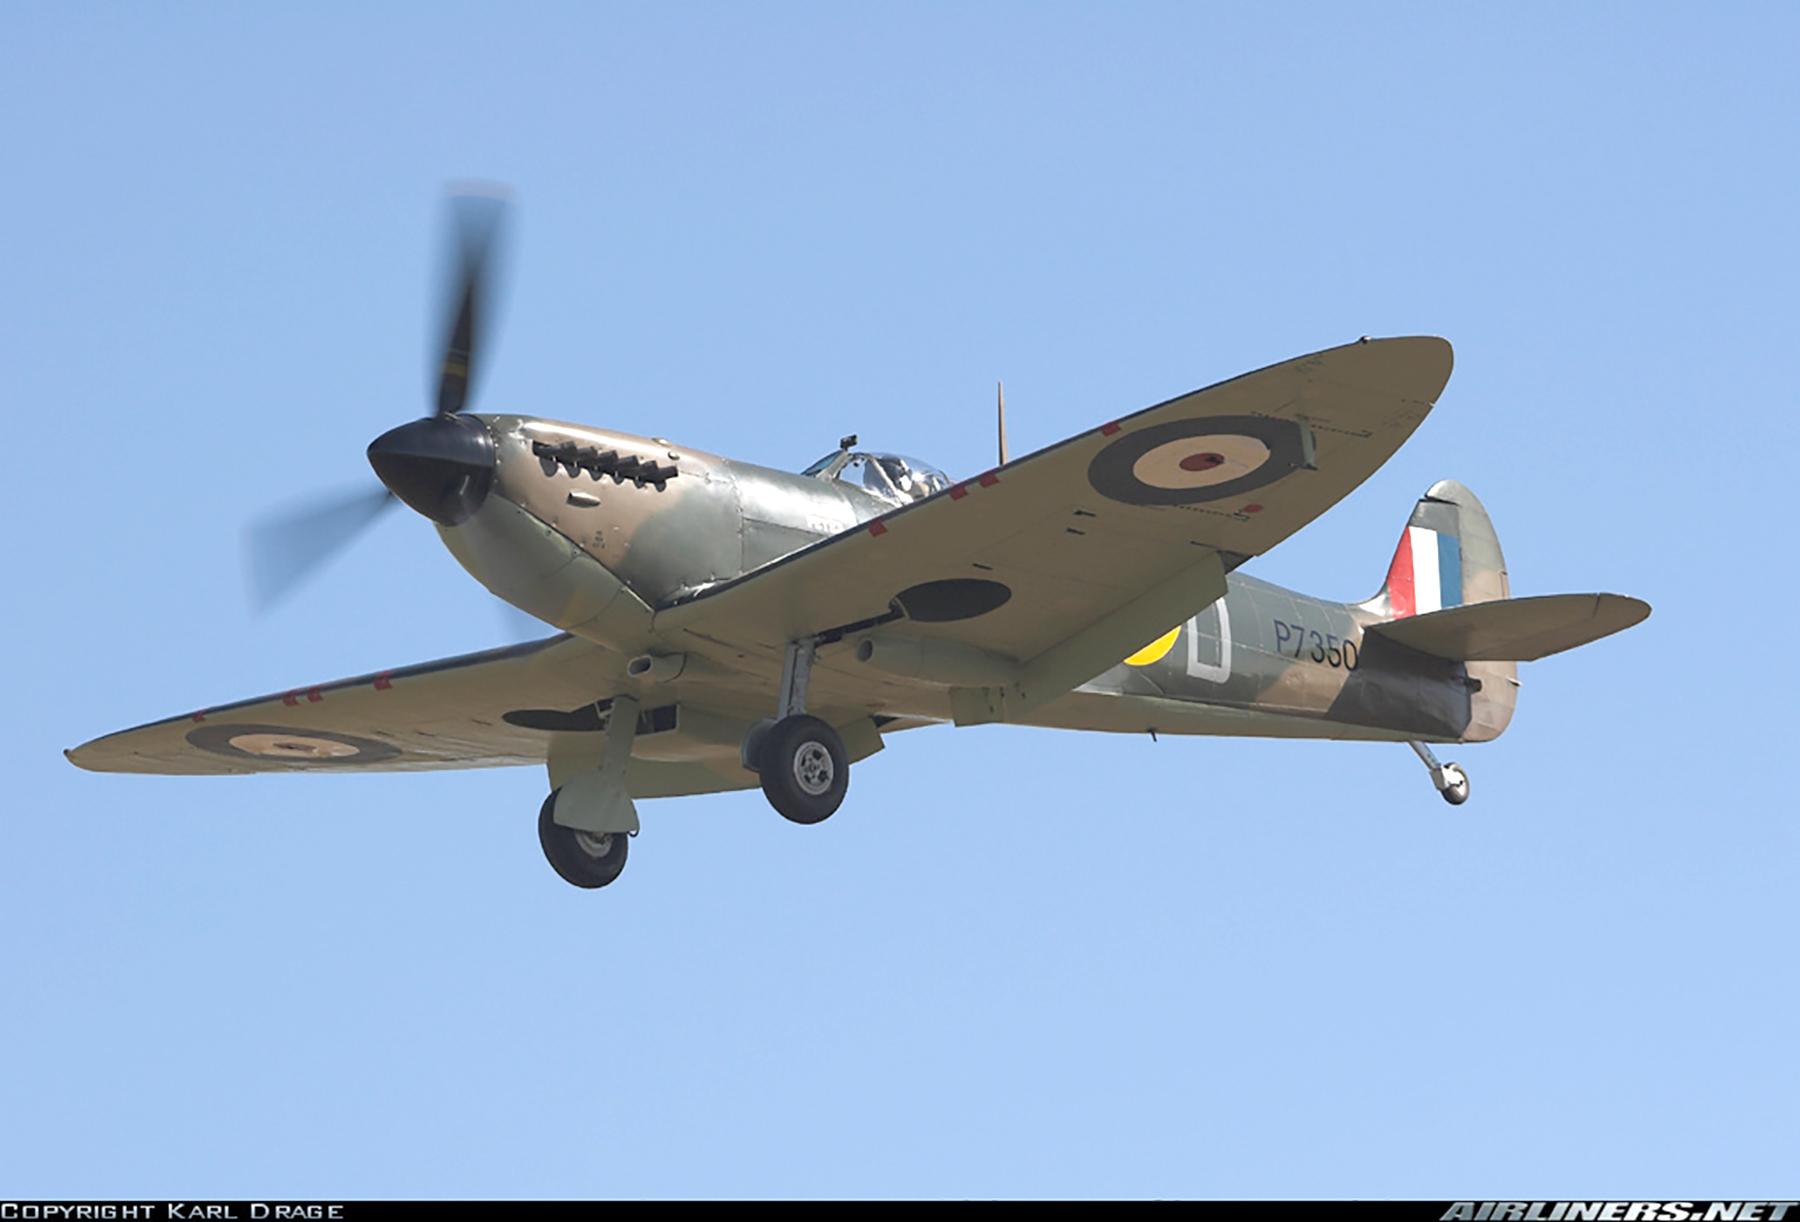 Airworthy Spitfire warbird RAF 603Sqn XTD P7350 09